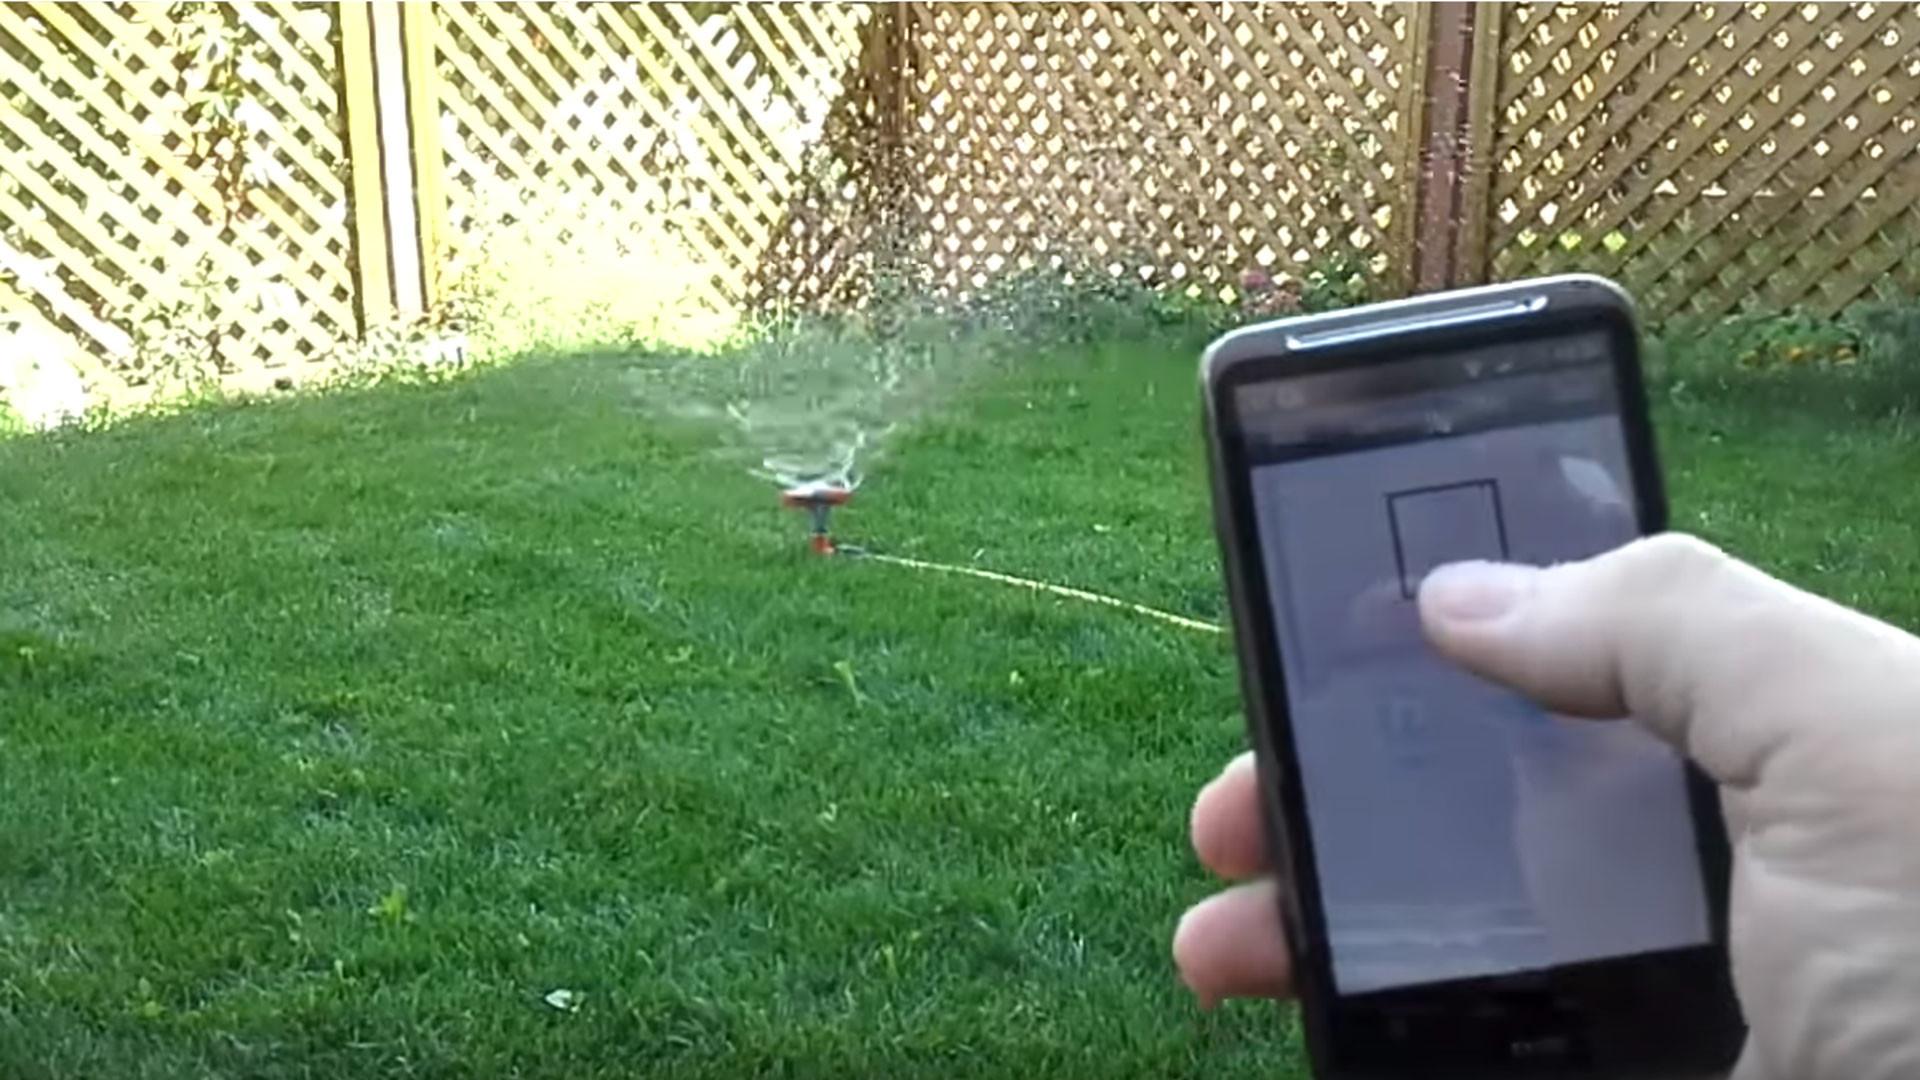 Управление поливом через Интернет. Скриншот видео: youtube/VADIM ASTAKHOV